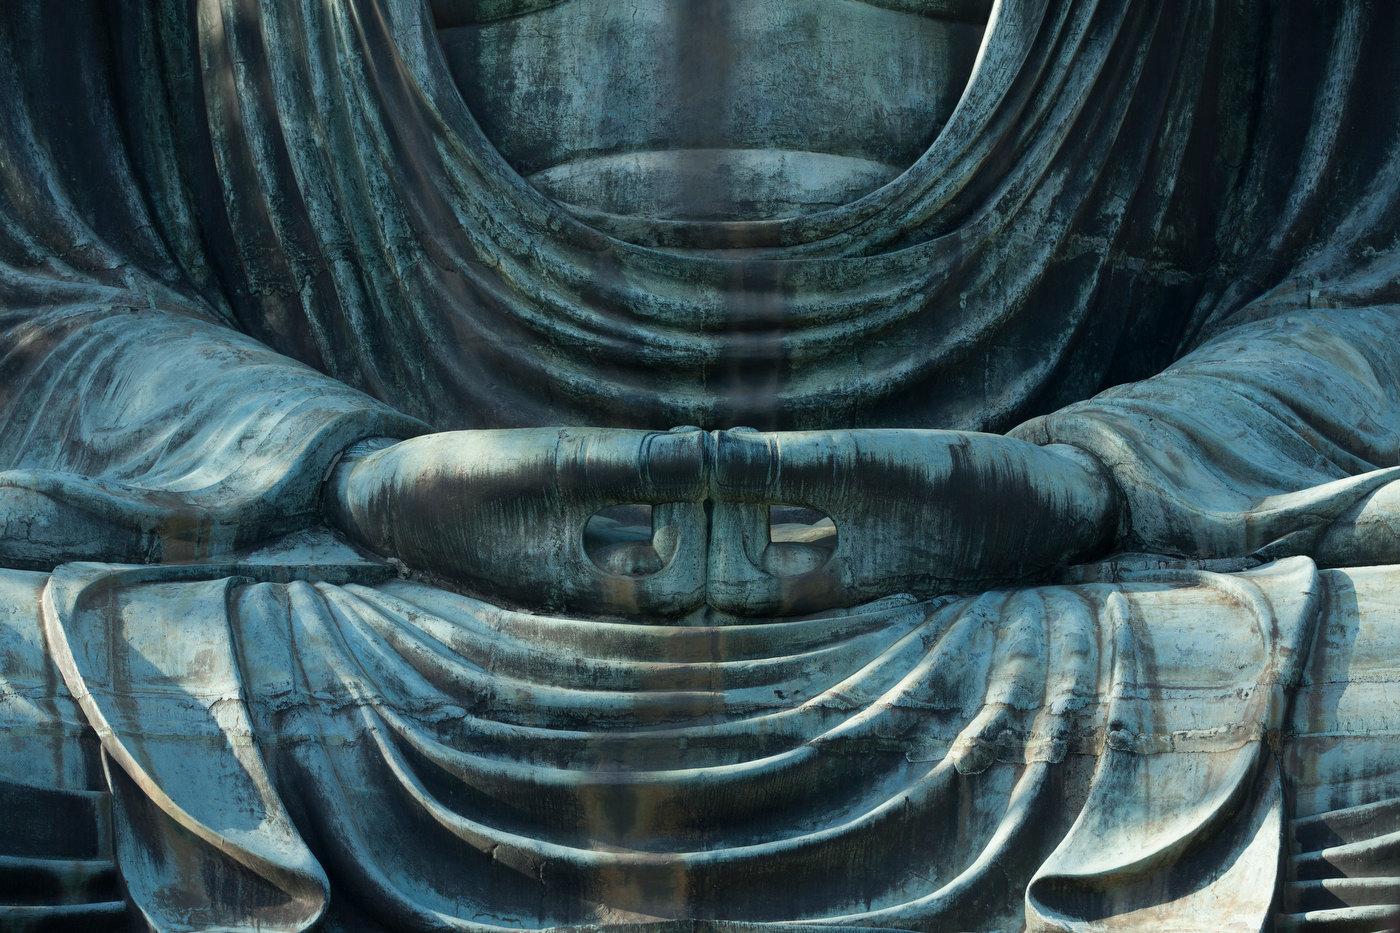 The Great Buddha of Kamakura.